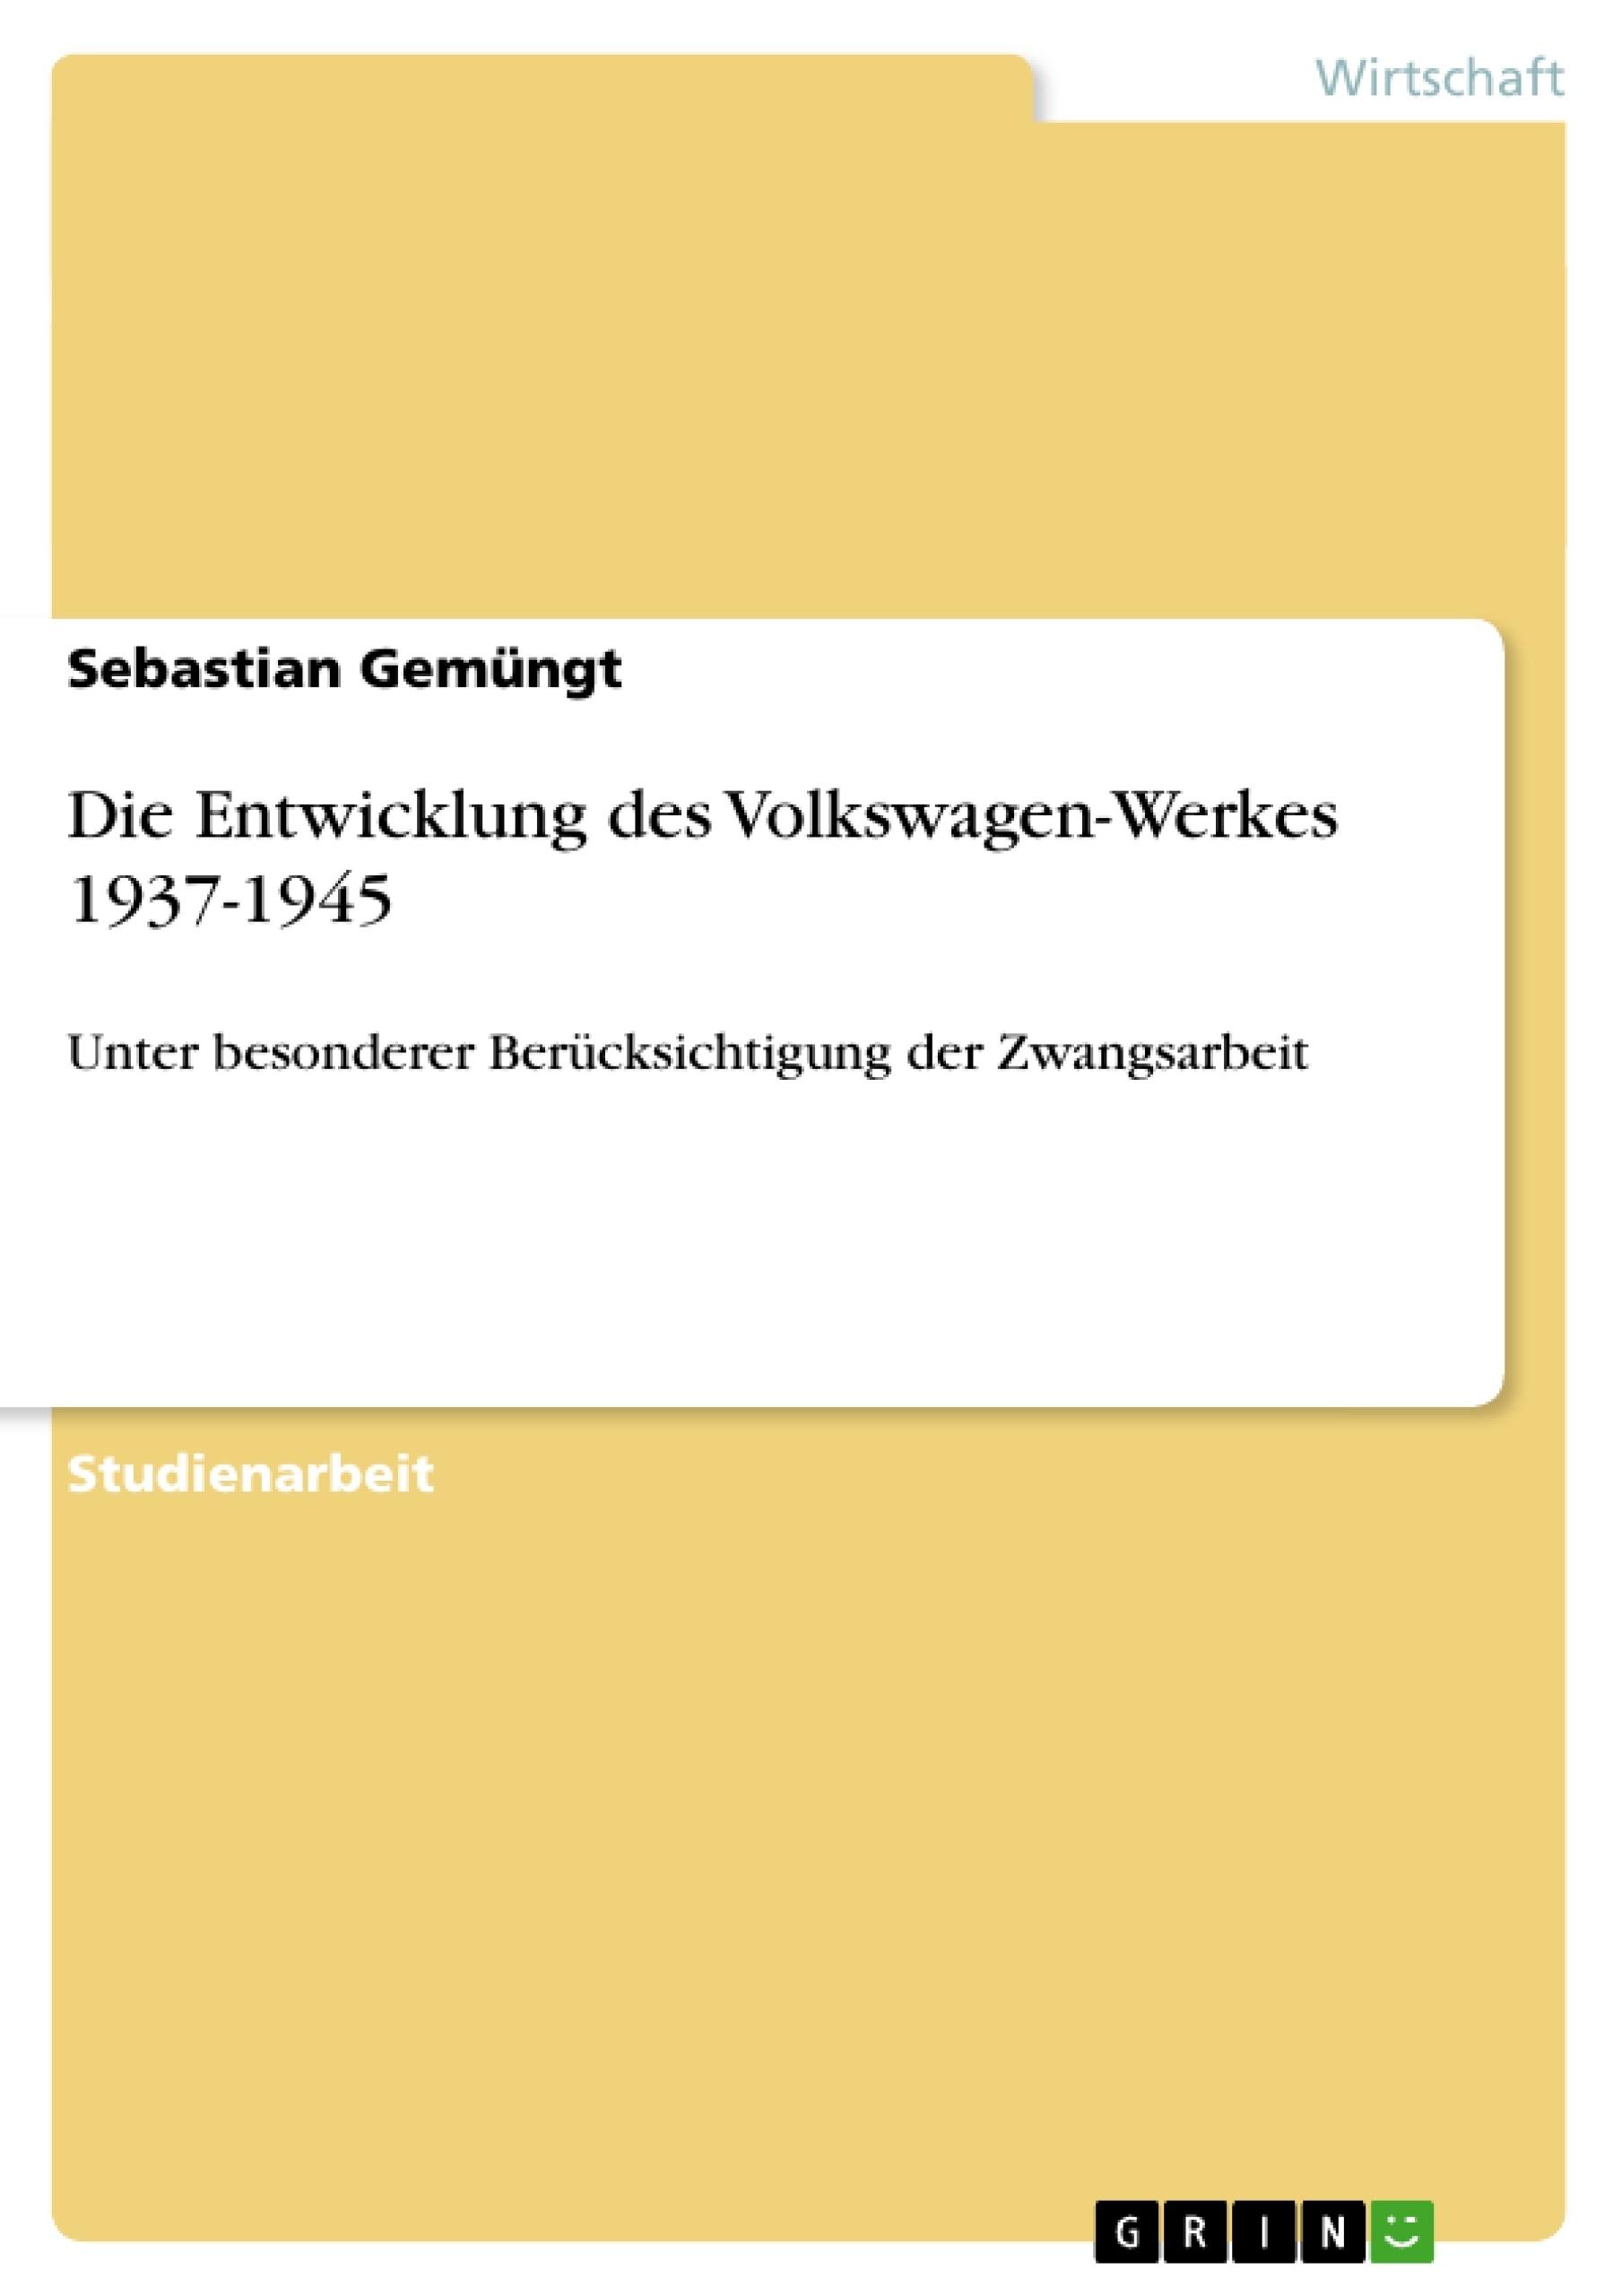 Titel: Die Entwicklung des Volkswagen-Werkes 1937-1945